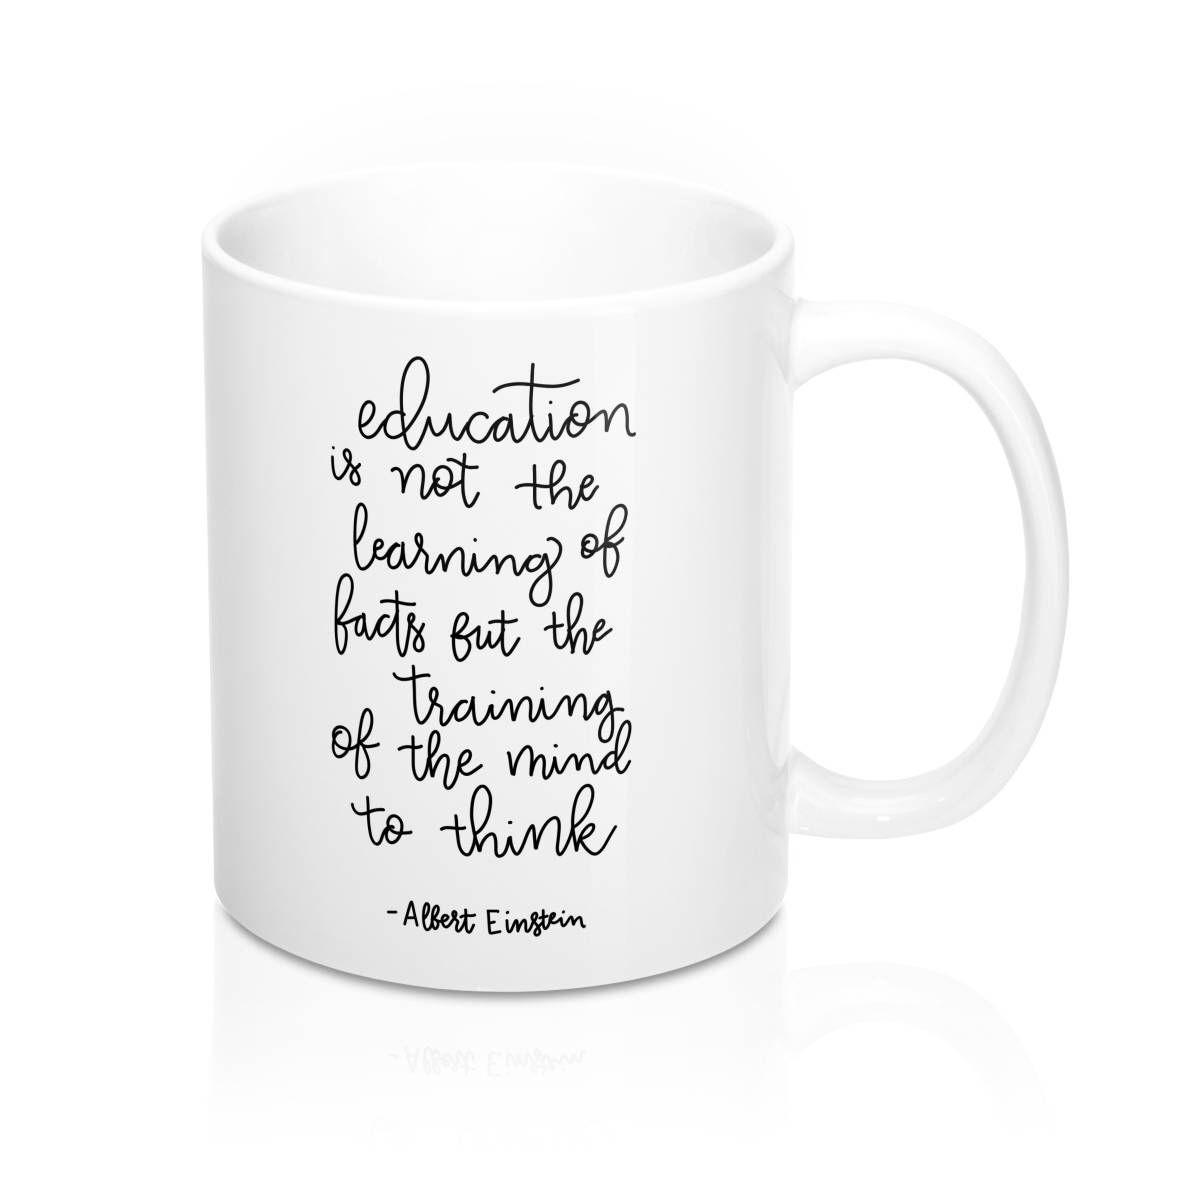 teacher coffee mug einstein quote education quote teacher